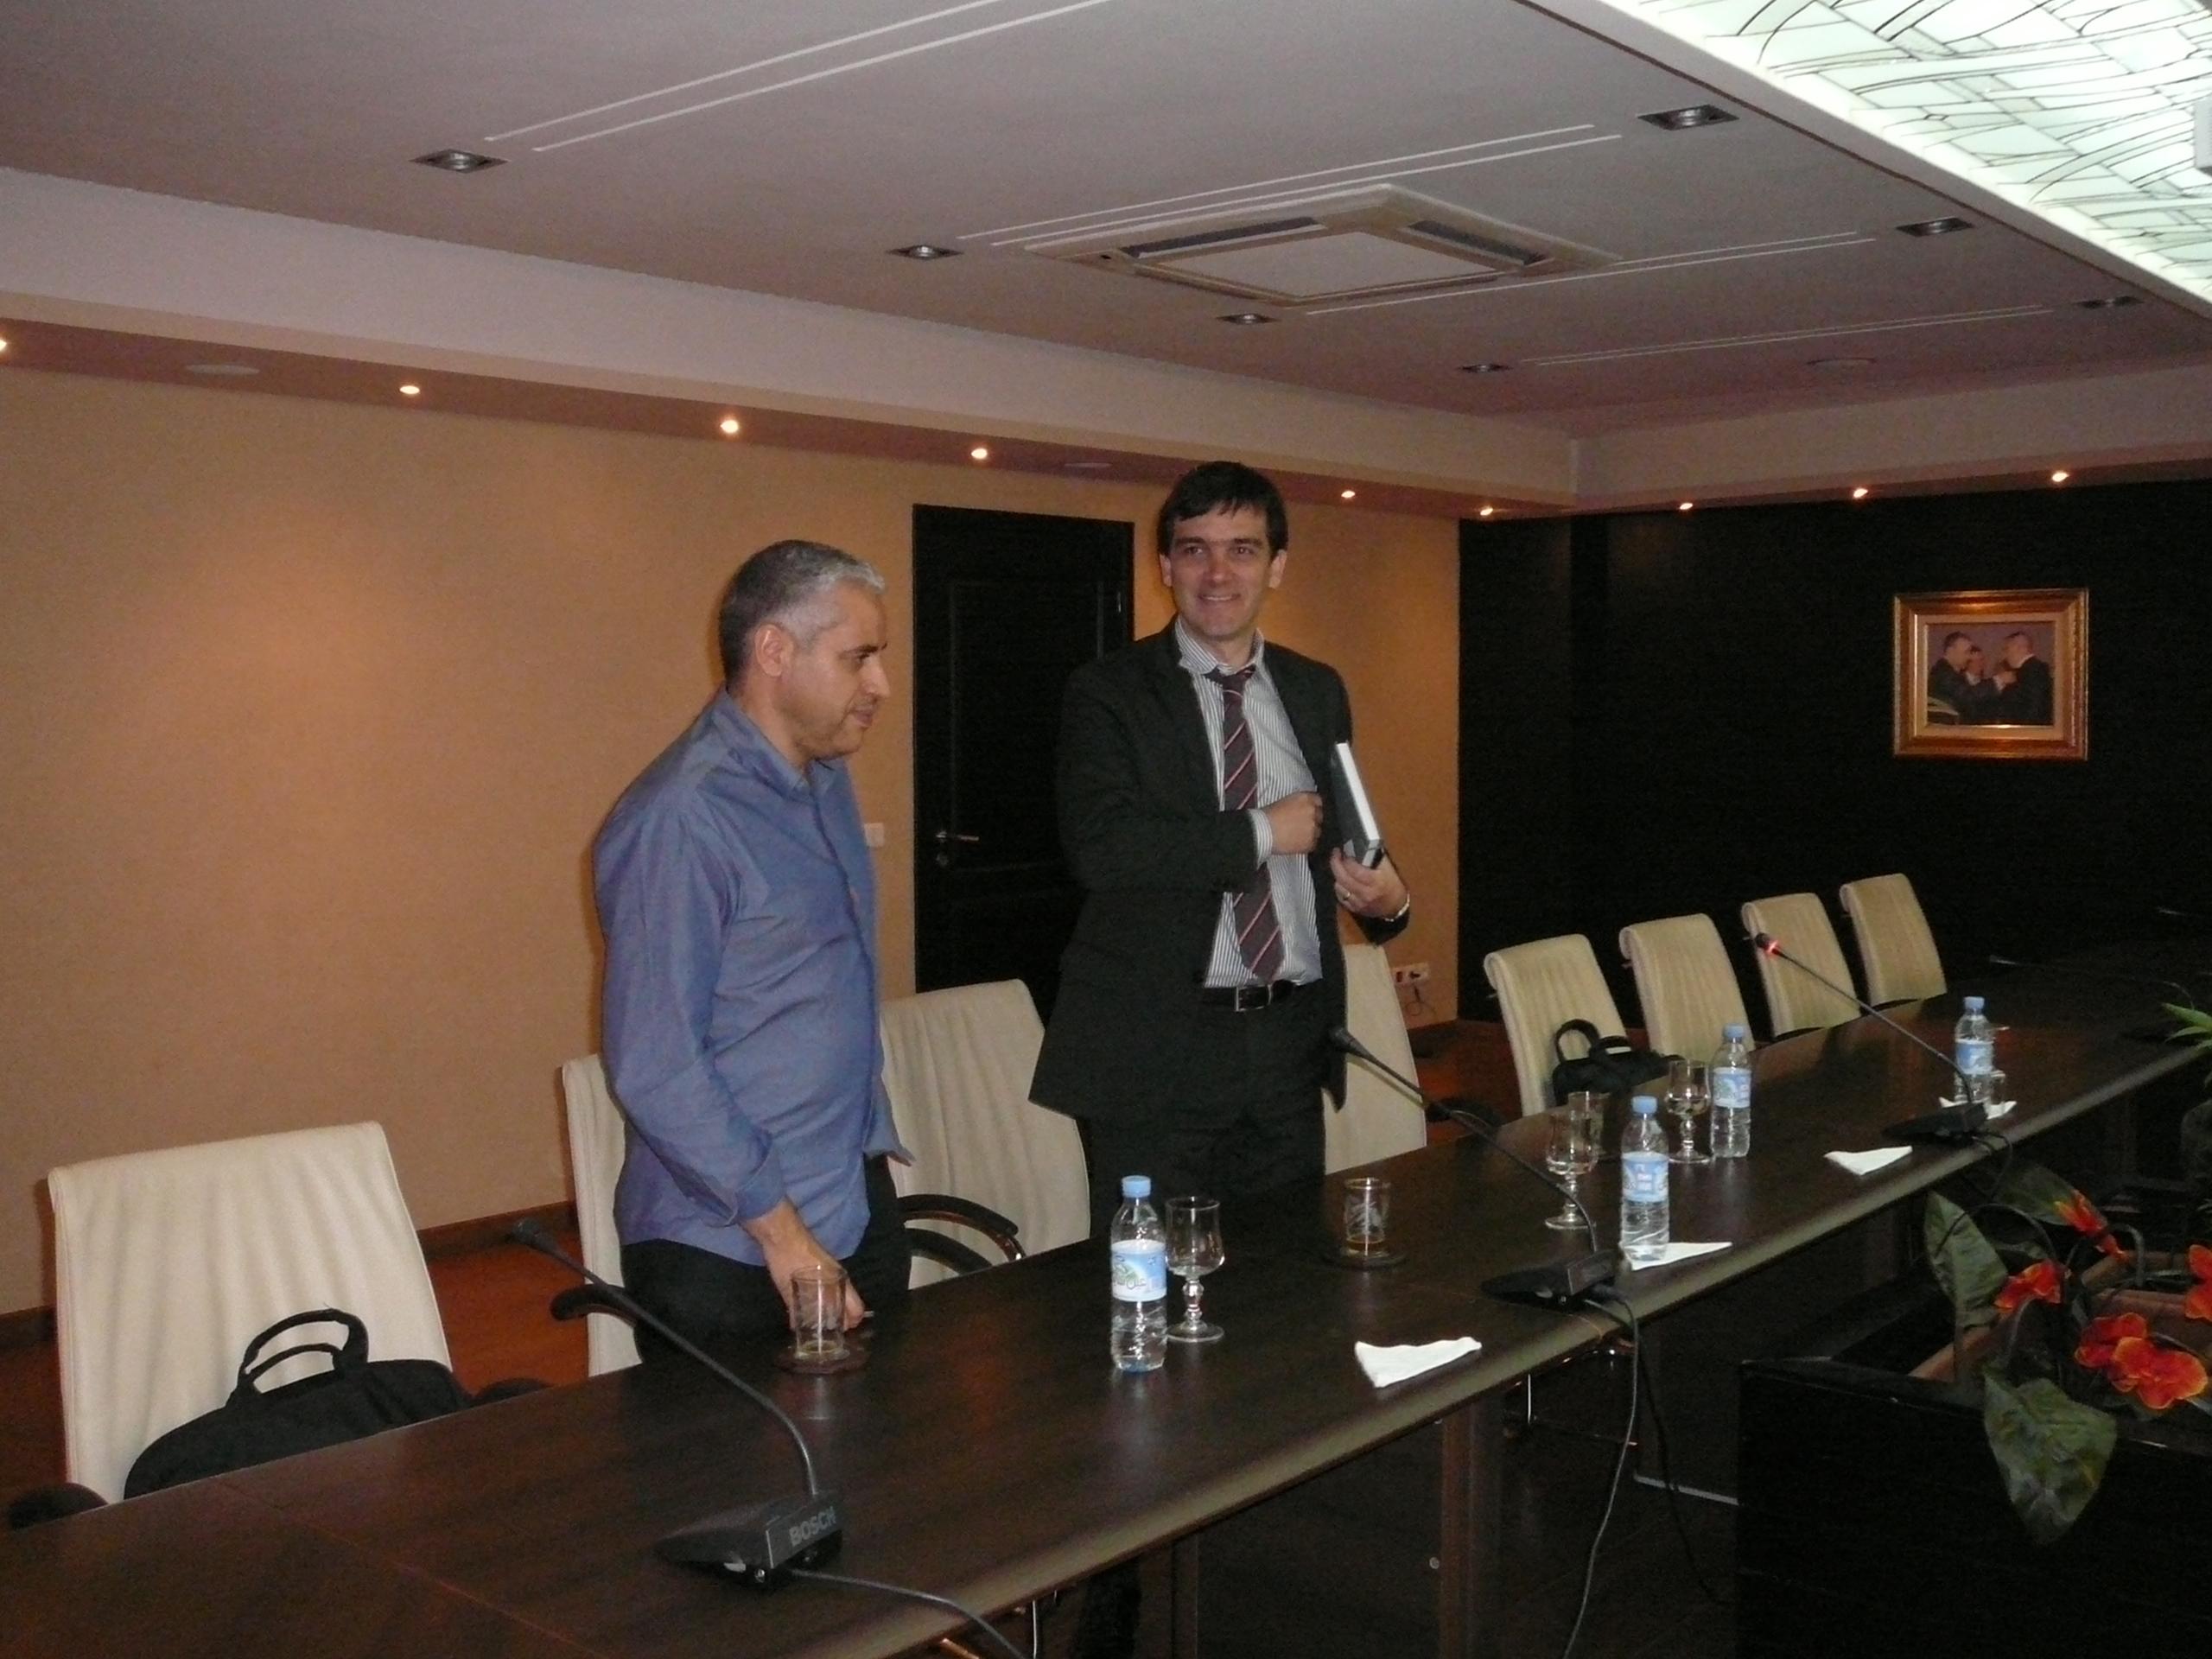 El Director de Prochile Paris se reunio con Chilehalal en Marruecos y Koutoubia Holding el 28 de junio 2012